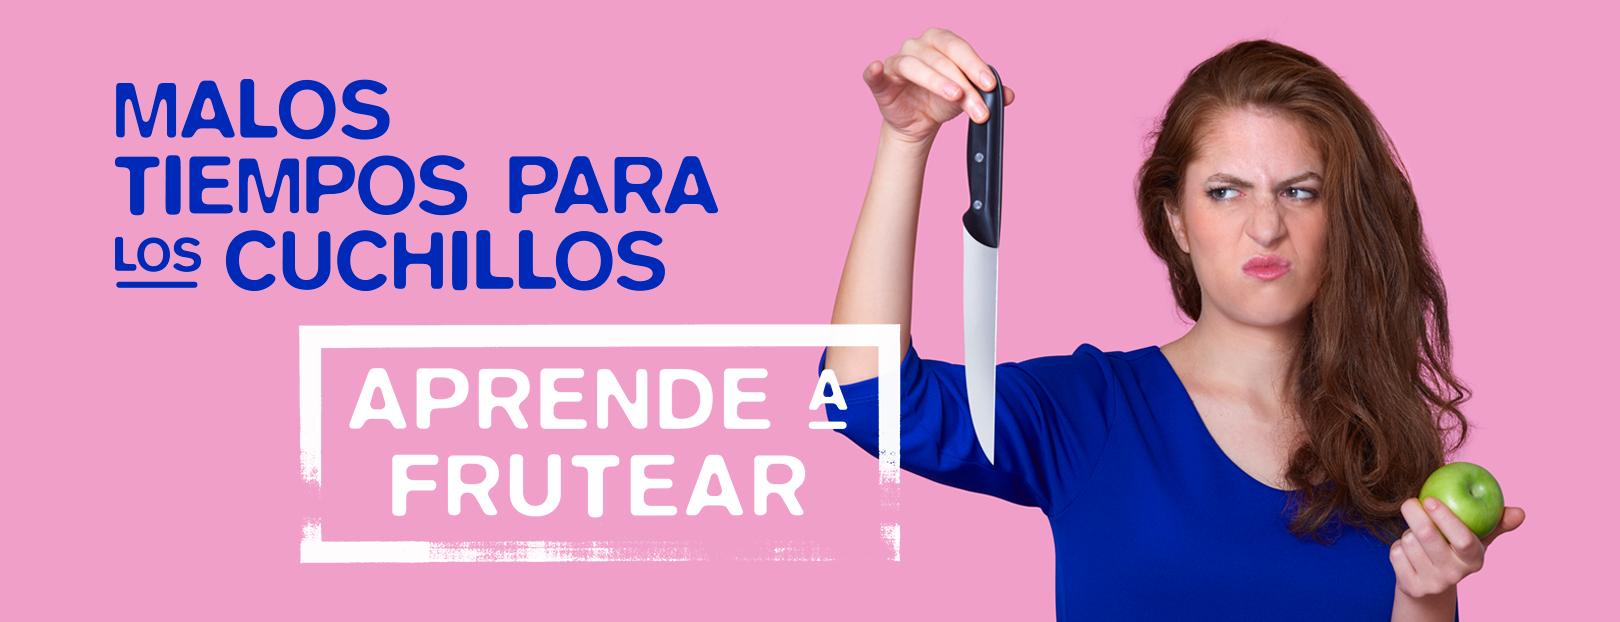 """Foto """"Malos tiempos para los cuchillos, aprende a frutear"""""""